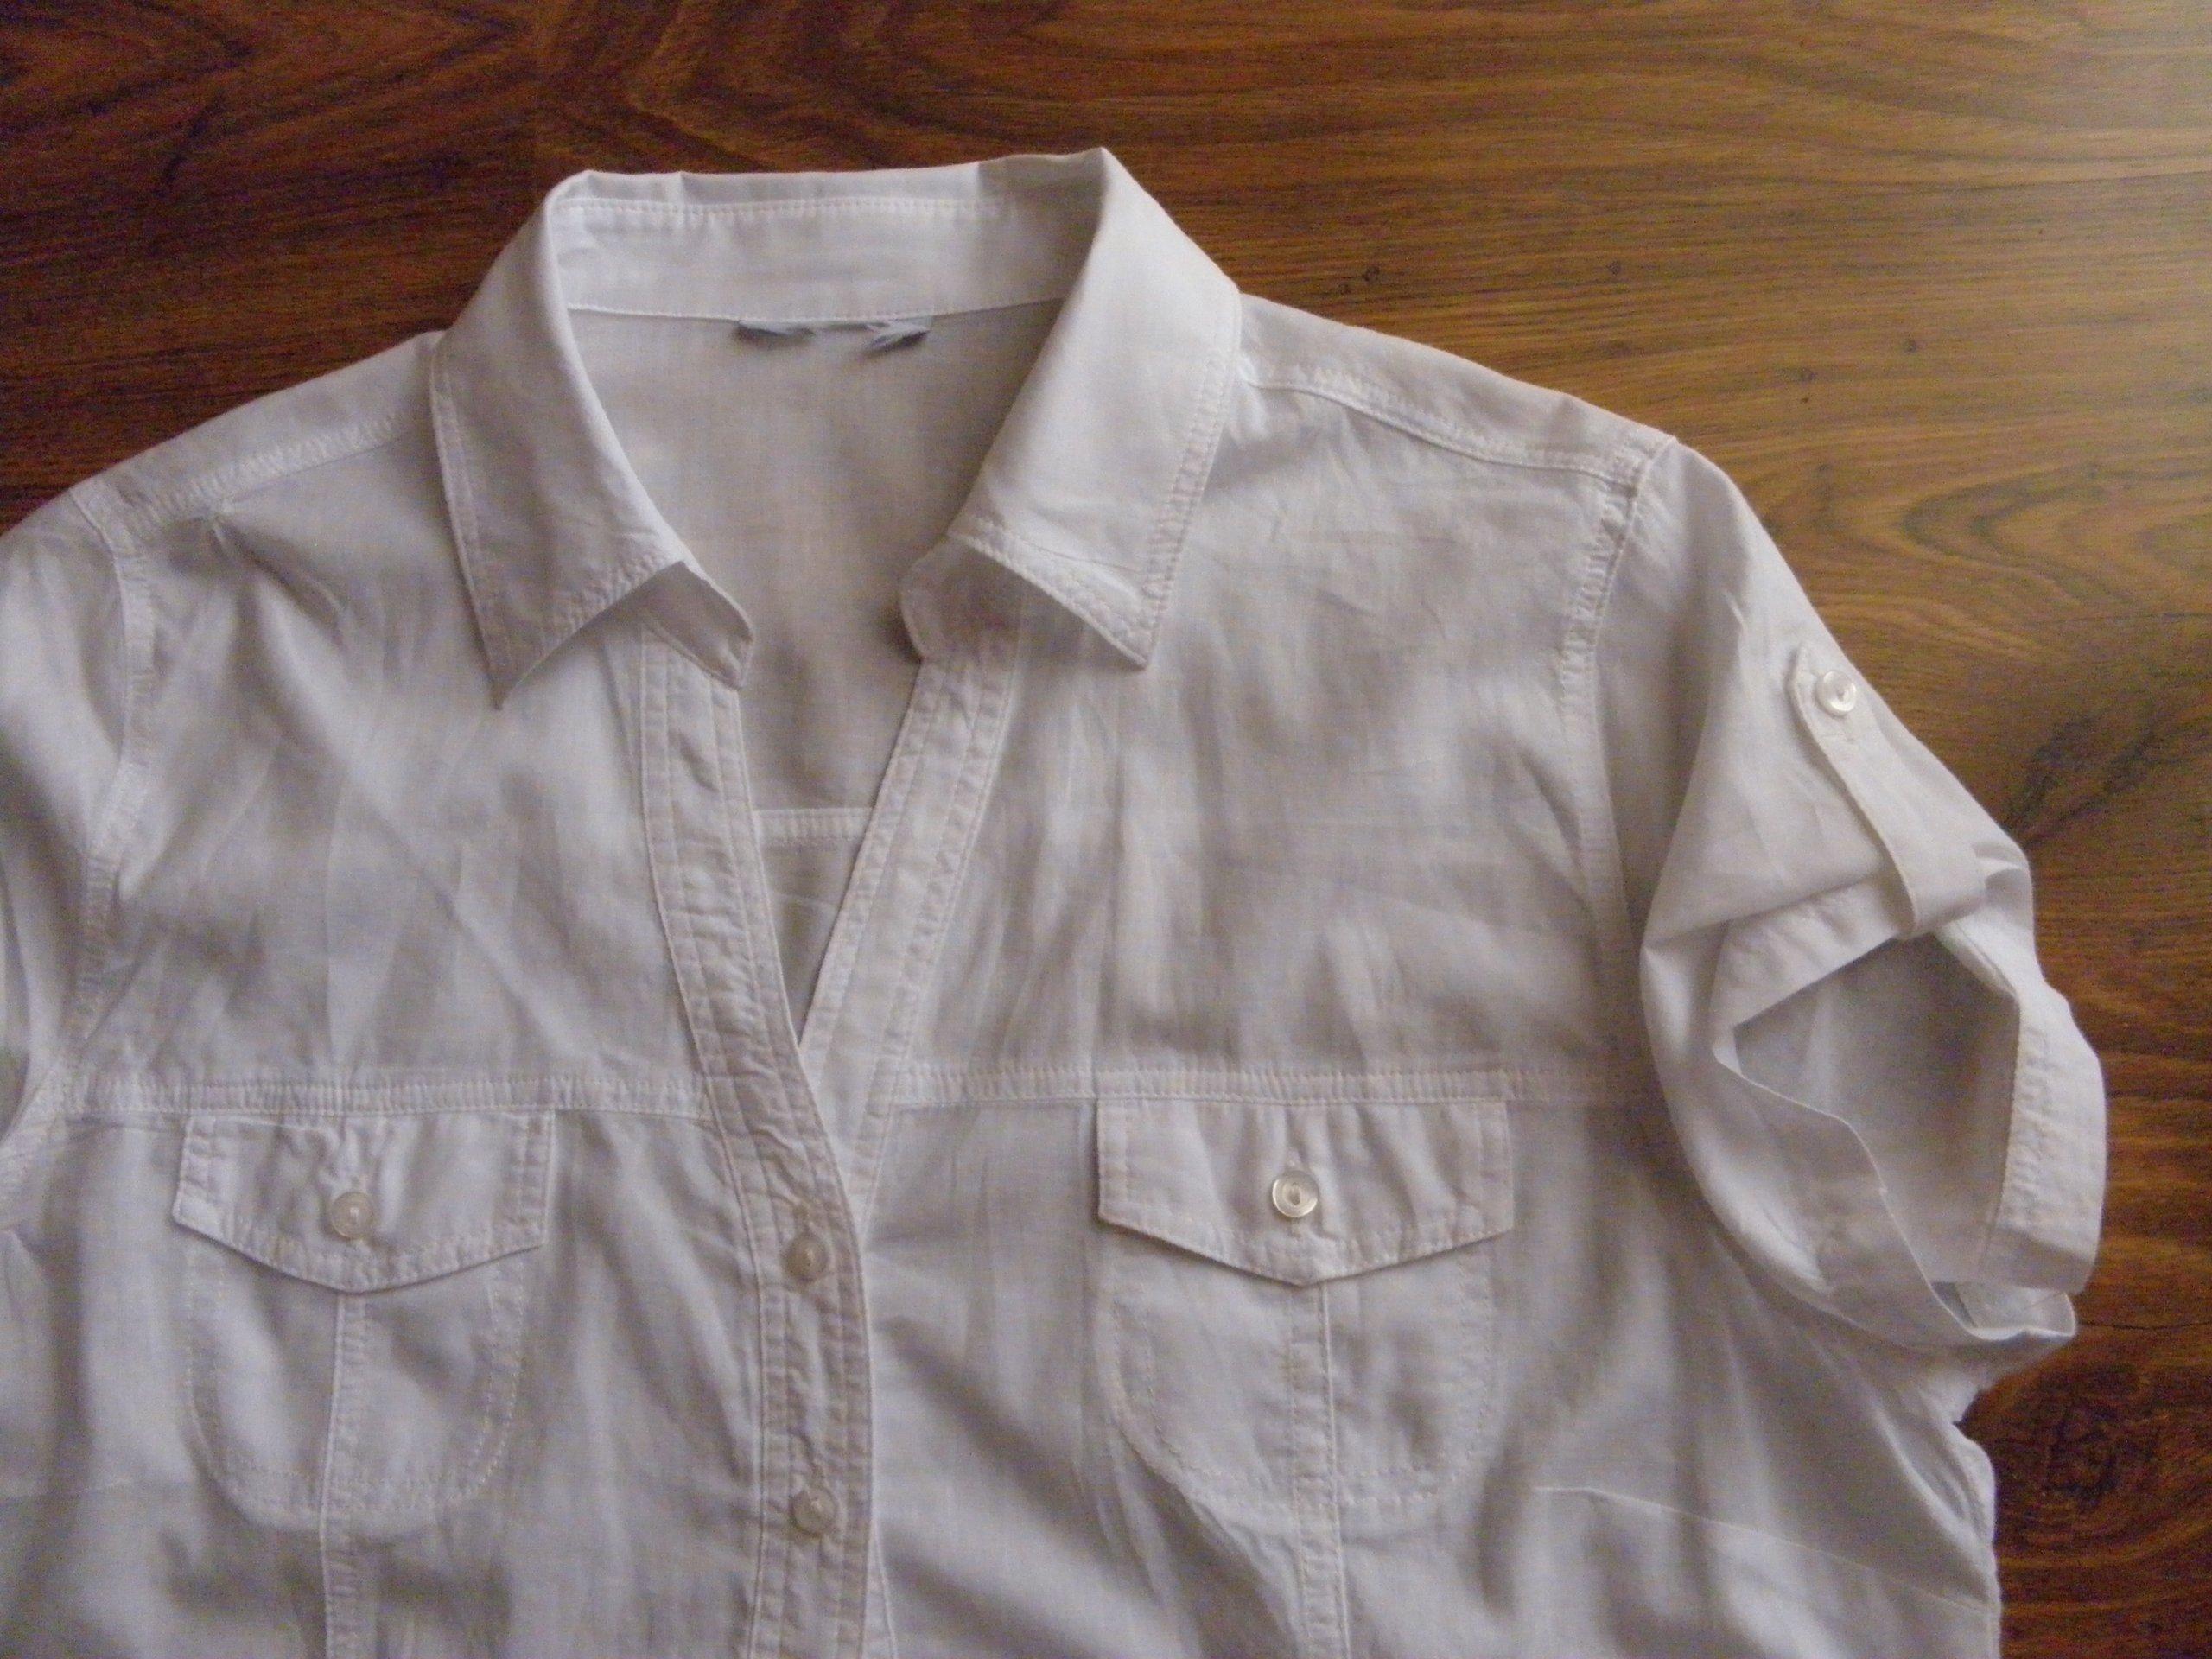 8c4eee12cd9769 biała koszulowa krótki rękaw 100% bawełna r.40/42 - 7403086470 ...